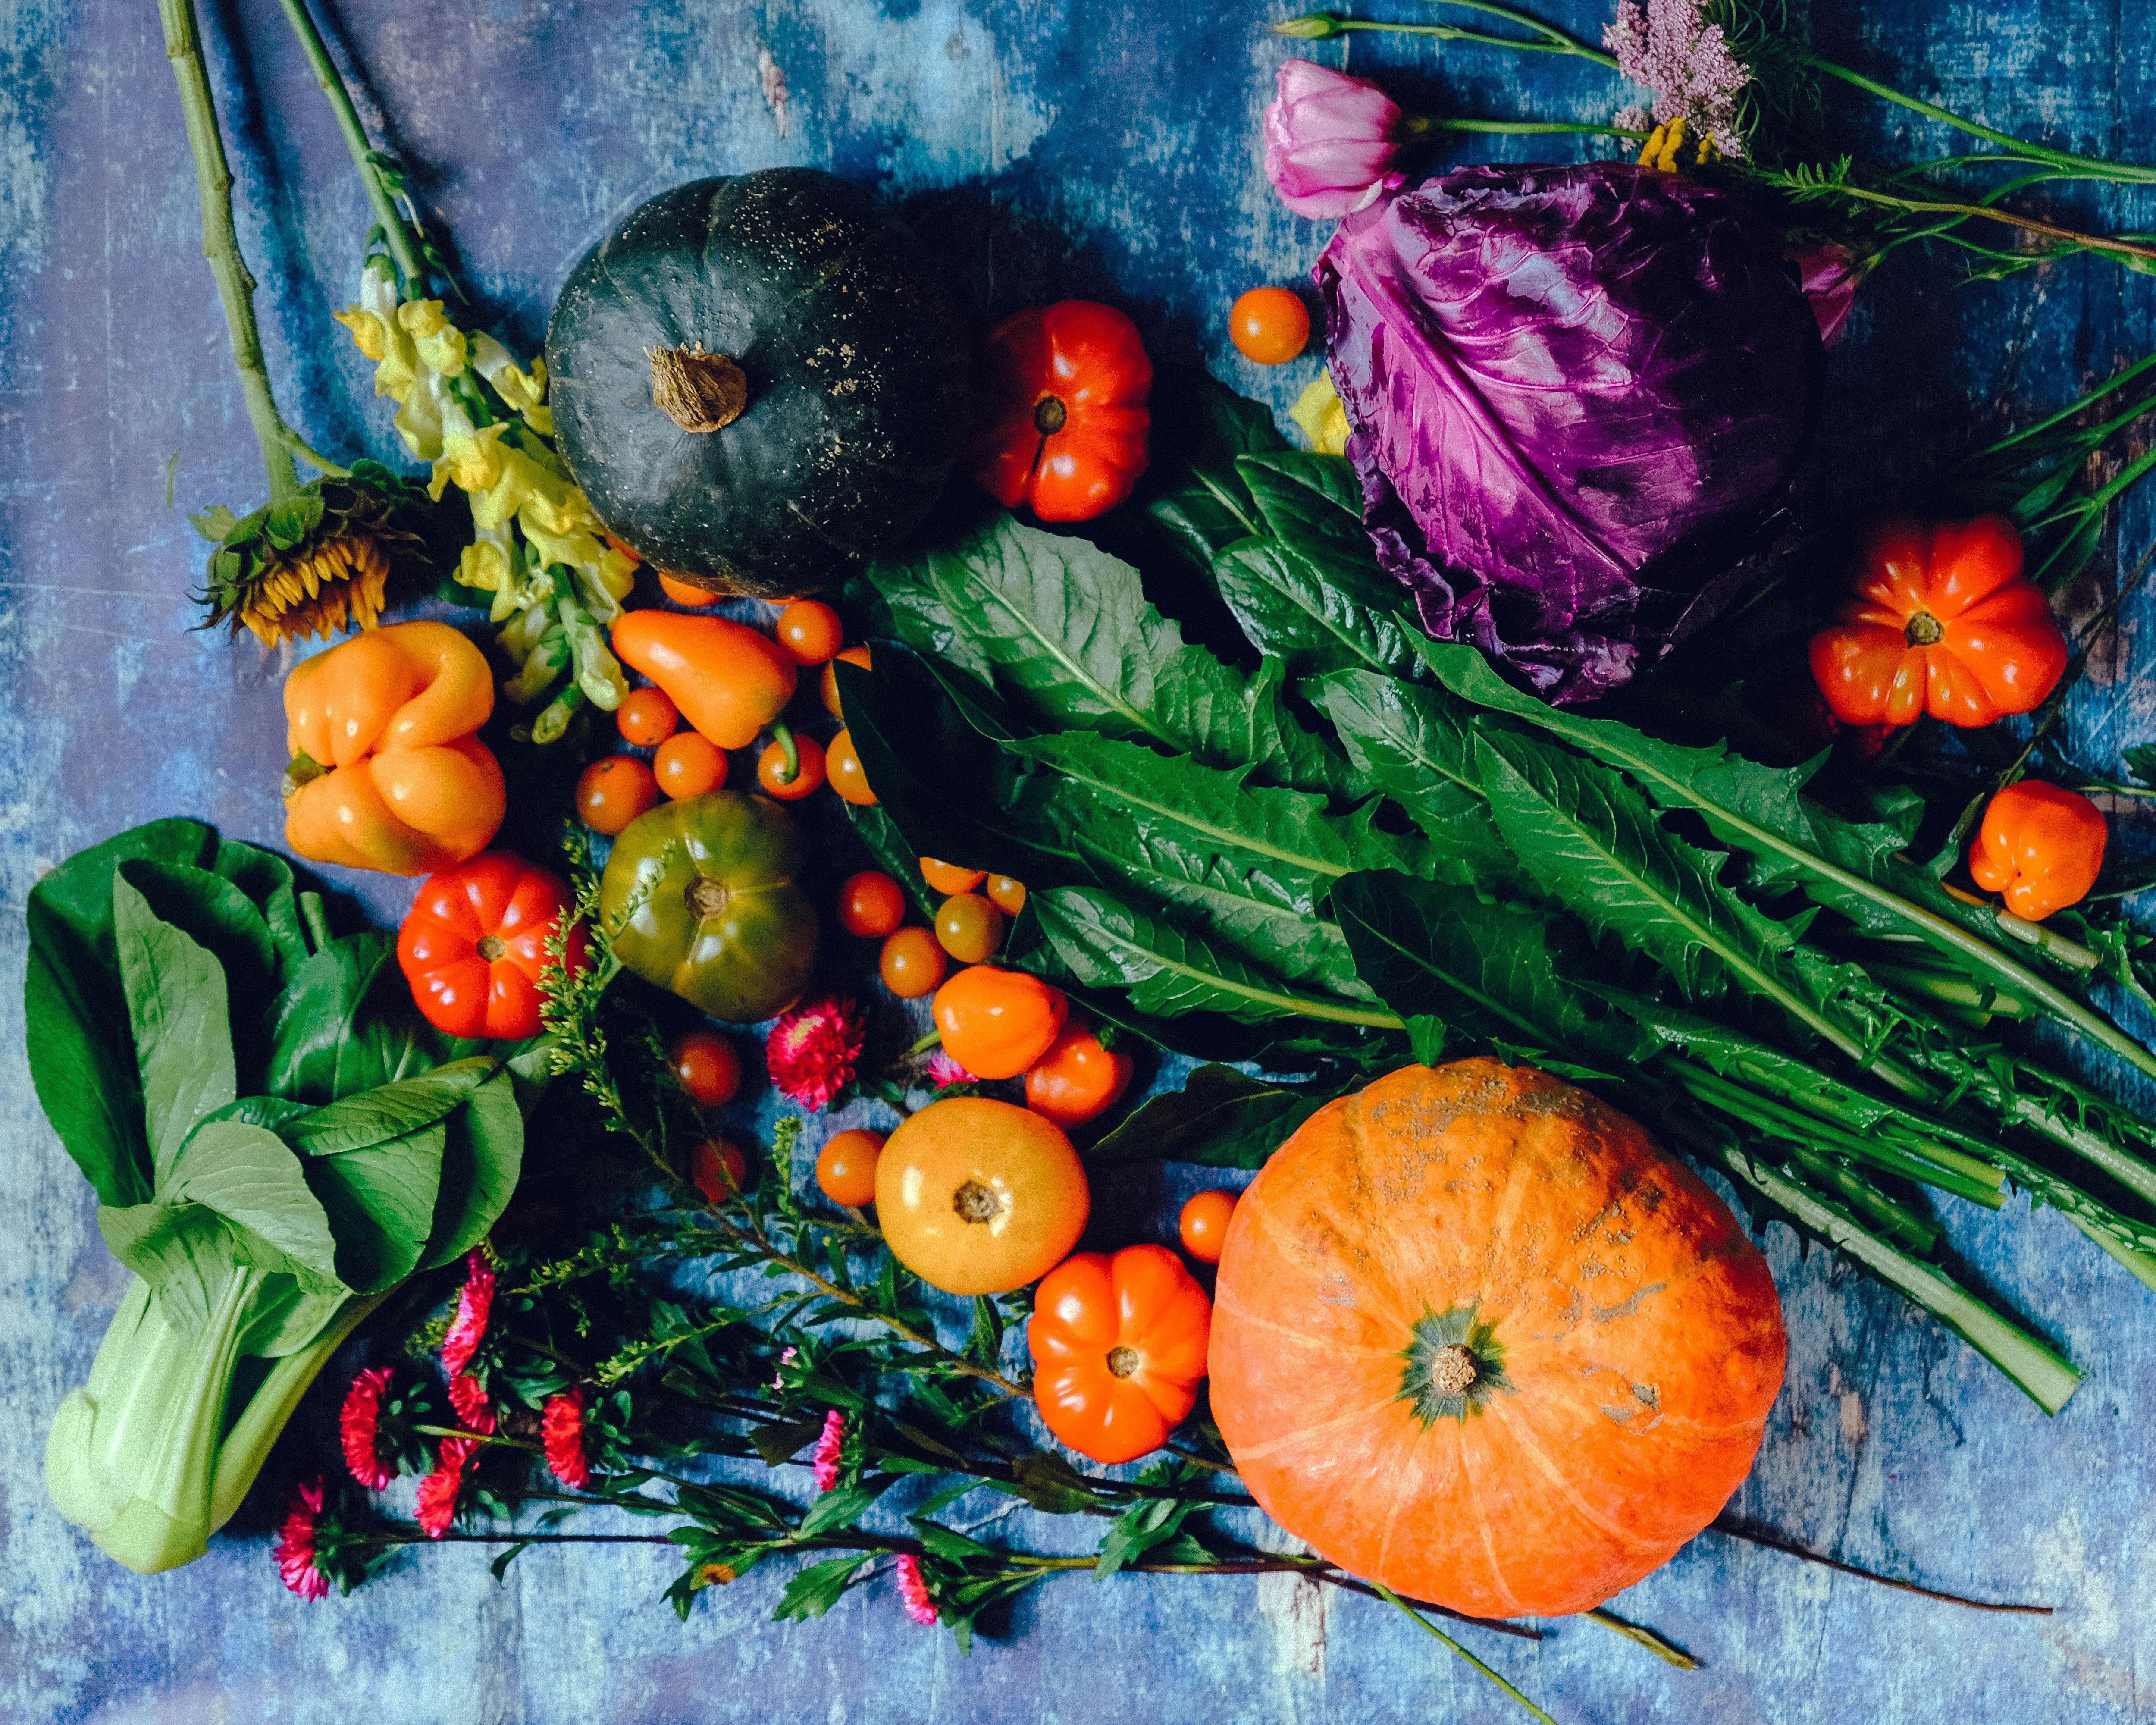 首先,在選購食材時要懂得觀察顏色、外觀、味道,挑選信譽良好商家;若為包裝食品,則要注意包裝是否完好,並有清楚標示保存期限和優良章標。